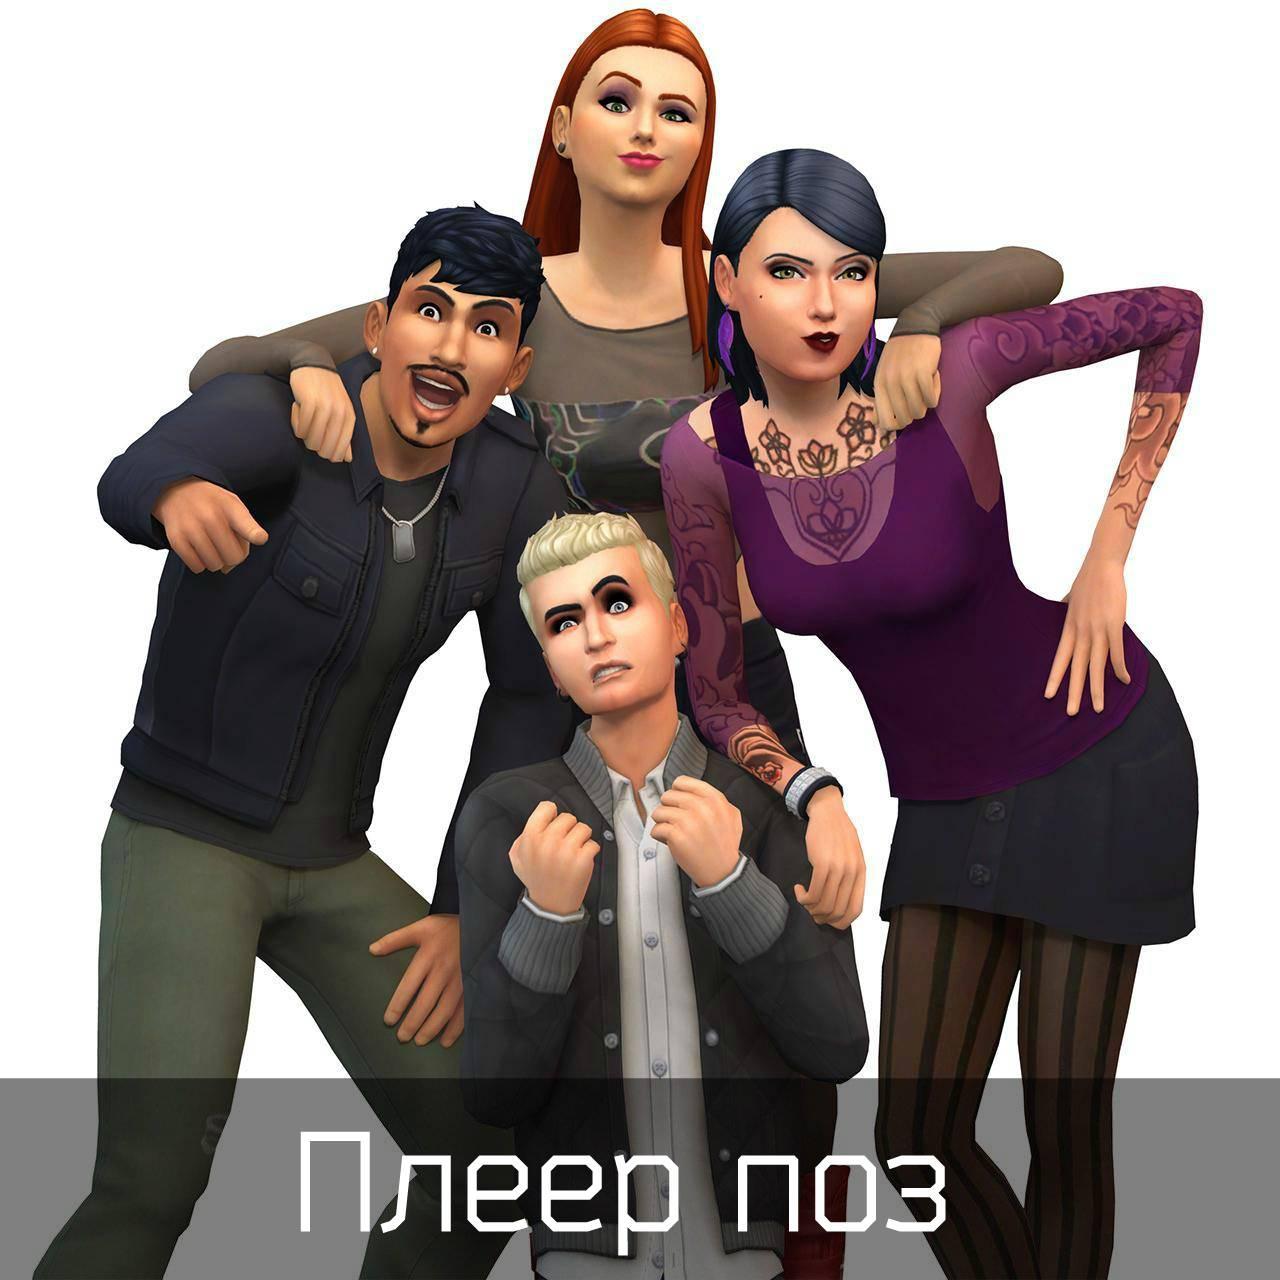 Плеер поз - Pose Player V9